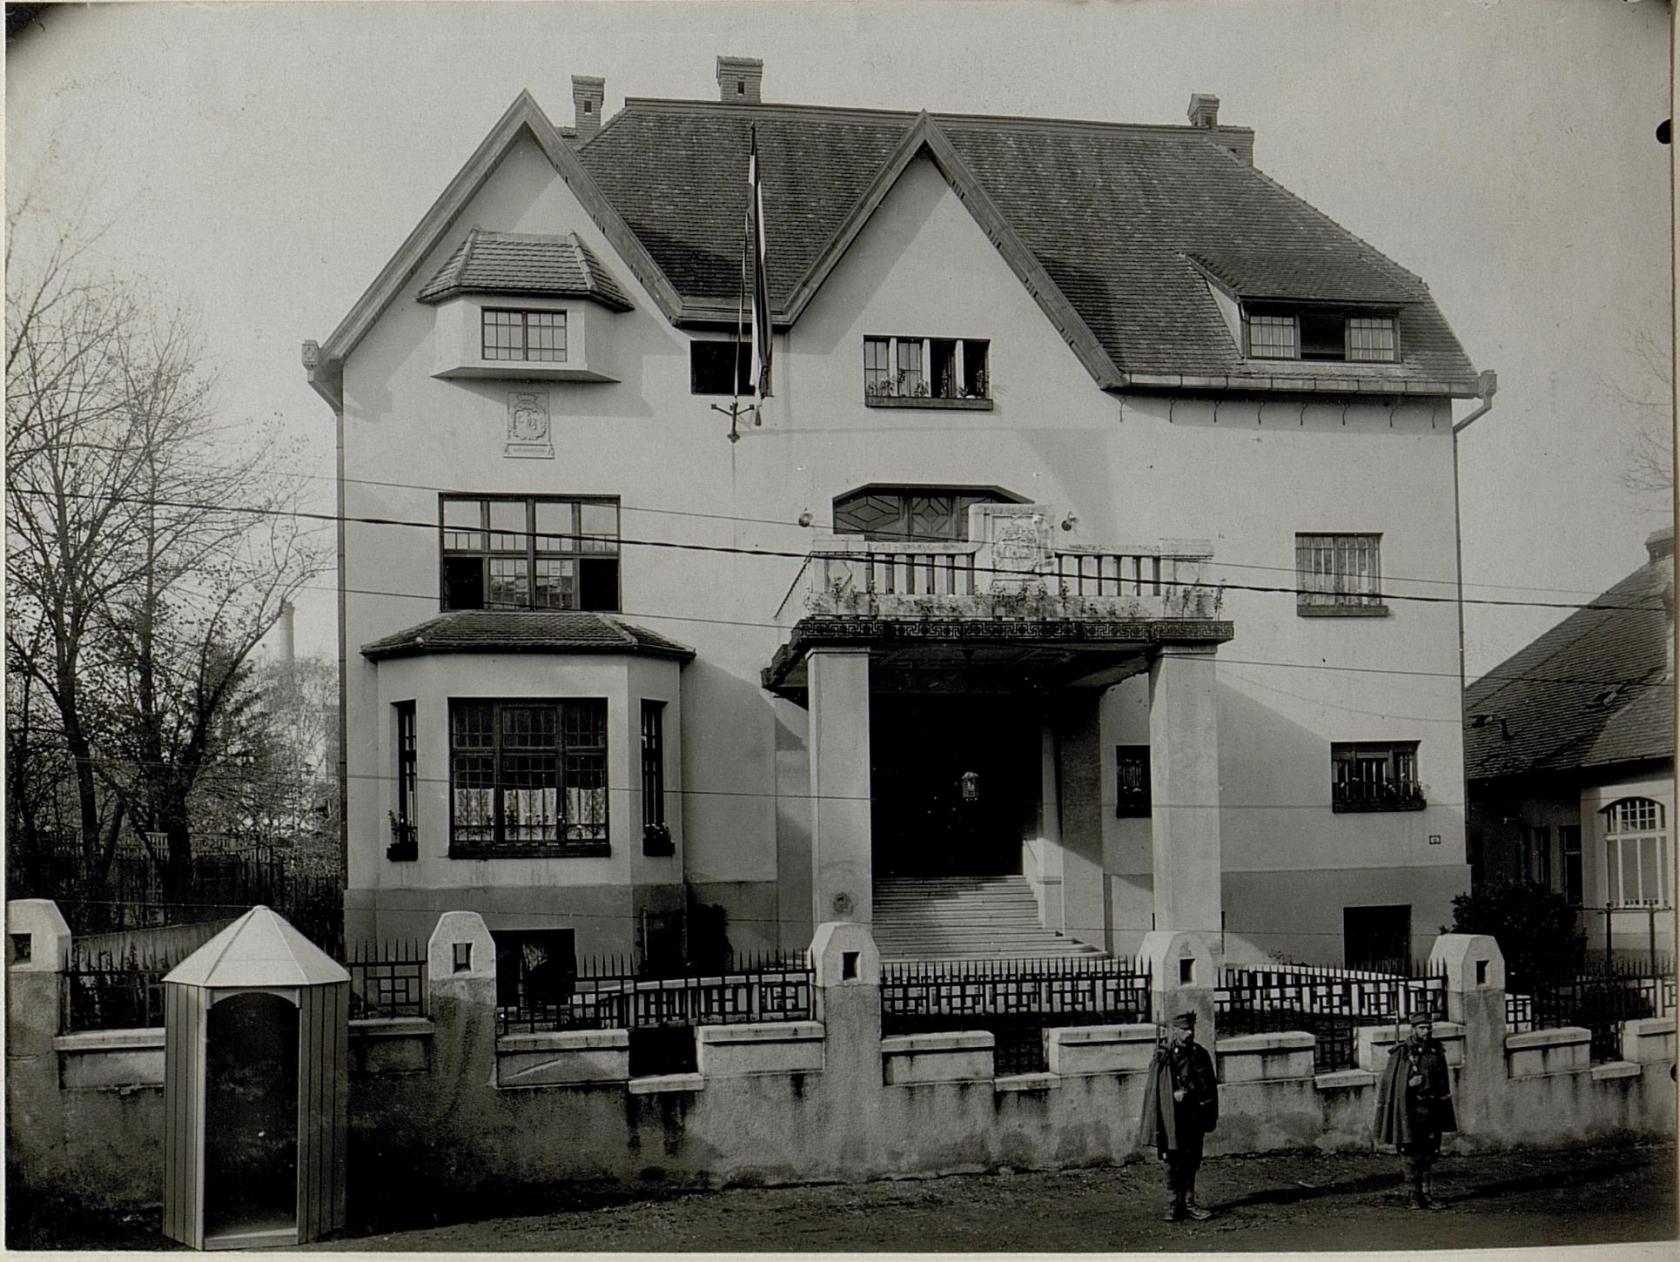 Erzherzogl.Quartier in Koloszvar. 28.10.16.